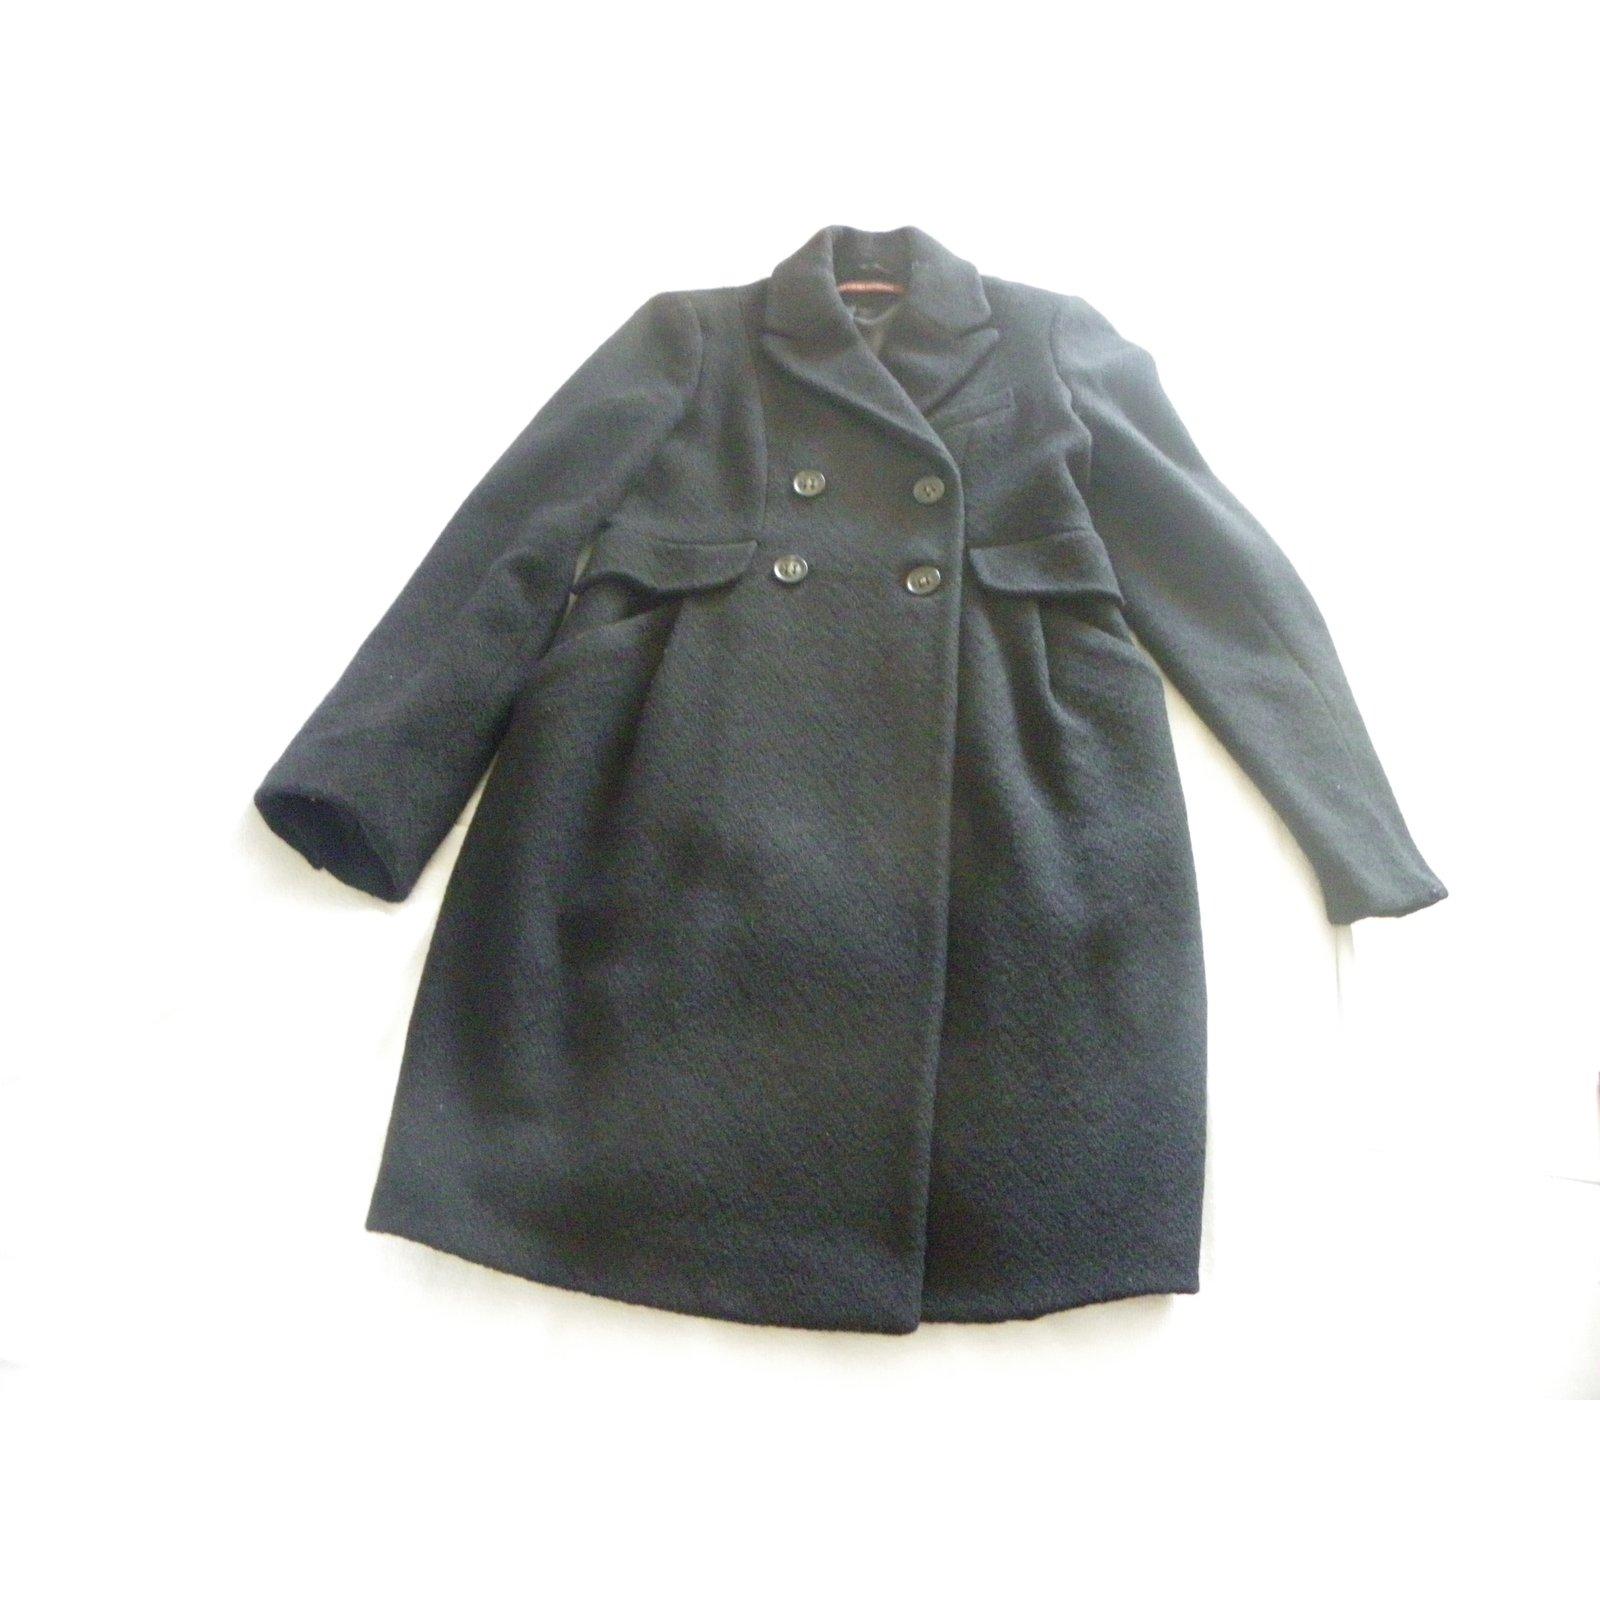 Manteaux comptoir des cotonniers manteau laine noir ref - Manteau femme comptoir des cotonniers ...